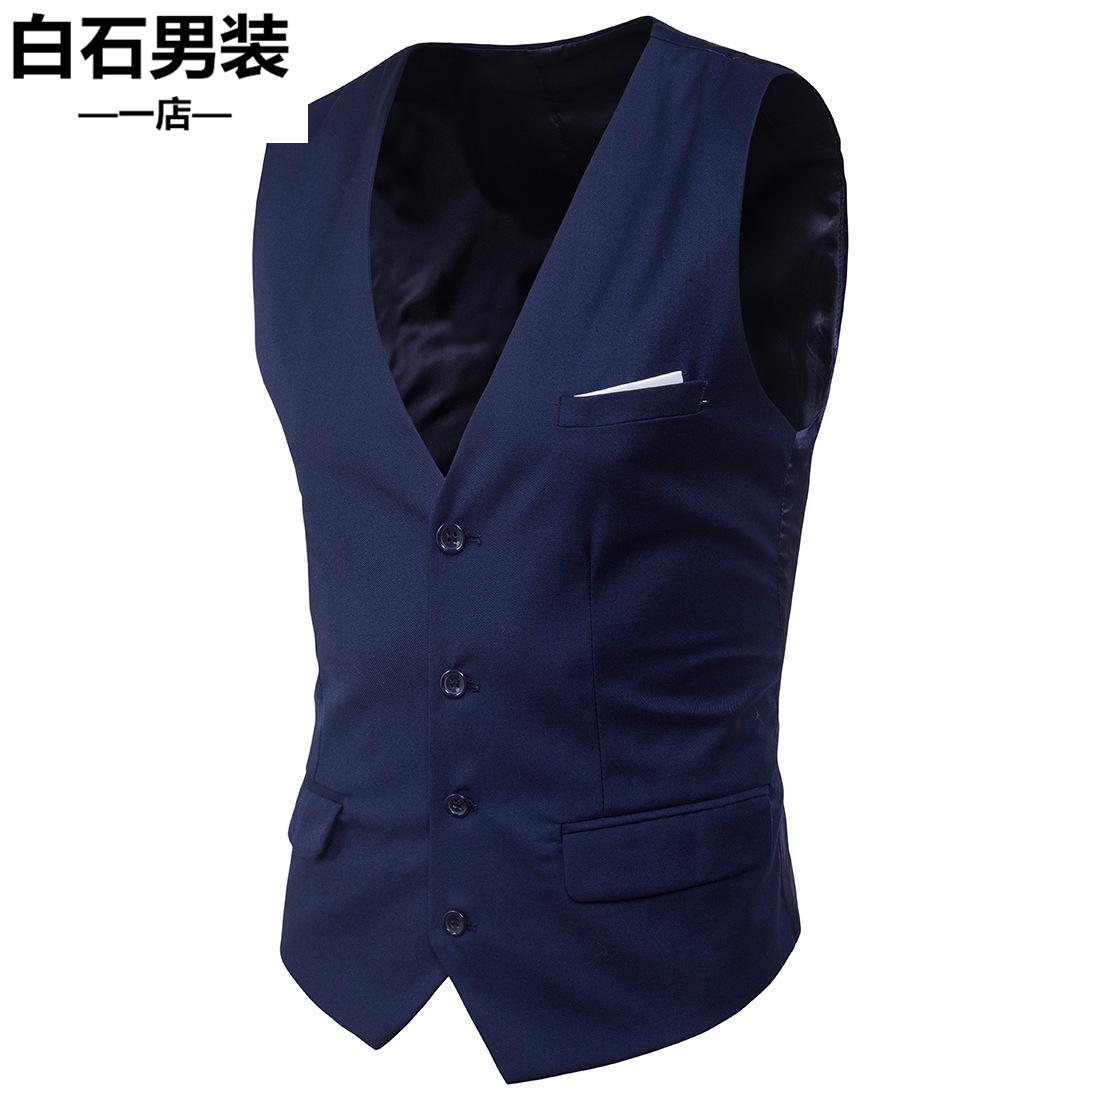 Mens business suit vest mens wear with slim fit four seasons fashion casual vest formal suit vest 6xl